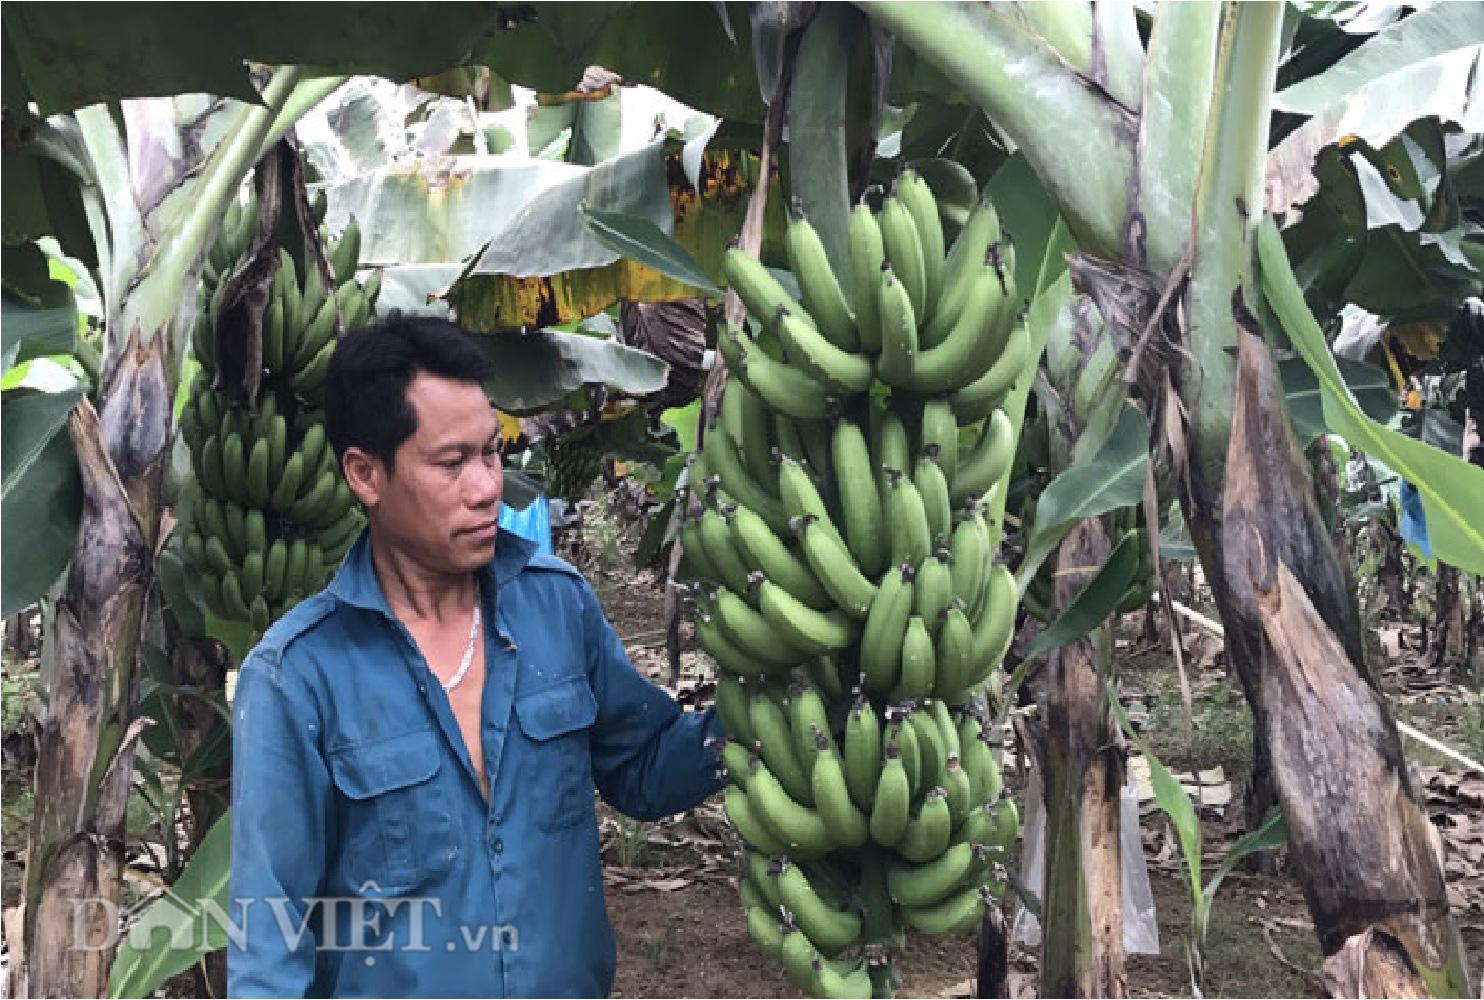 Lão nông thoát nghèo nhờ trồng chuối tiêu hồng - Ảnh 3.